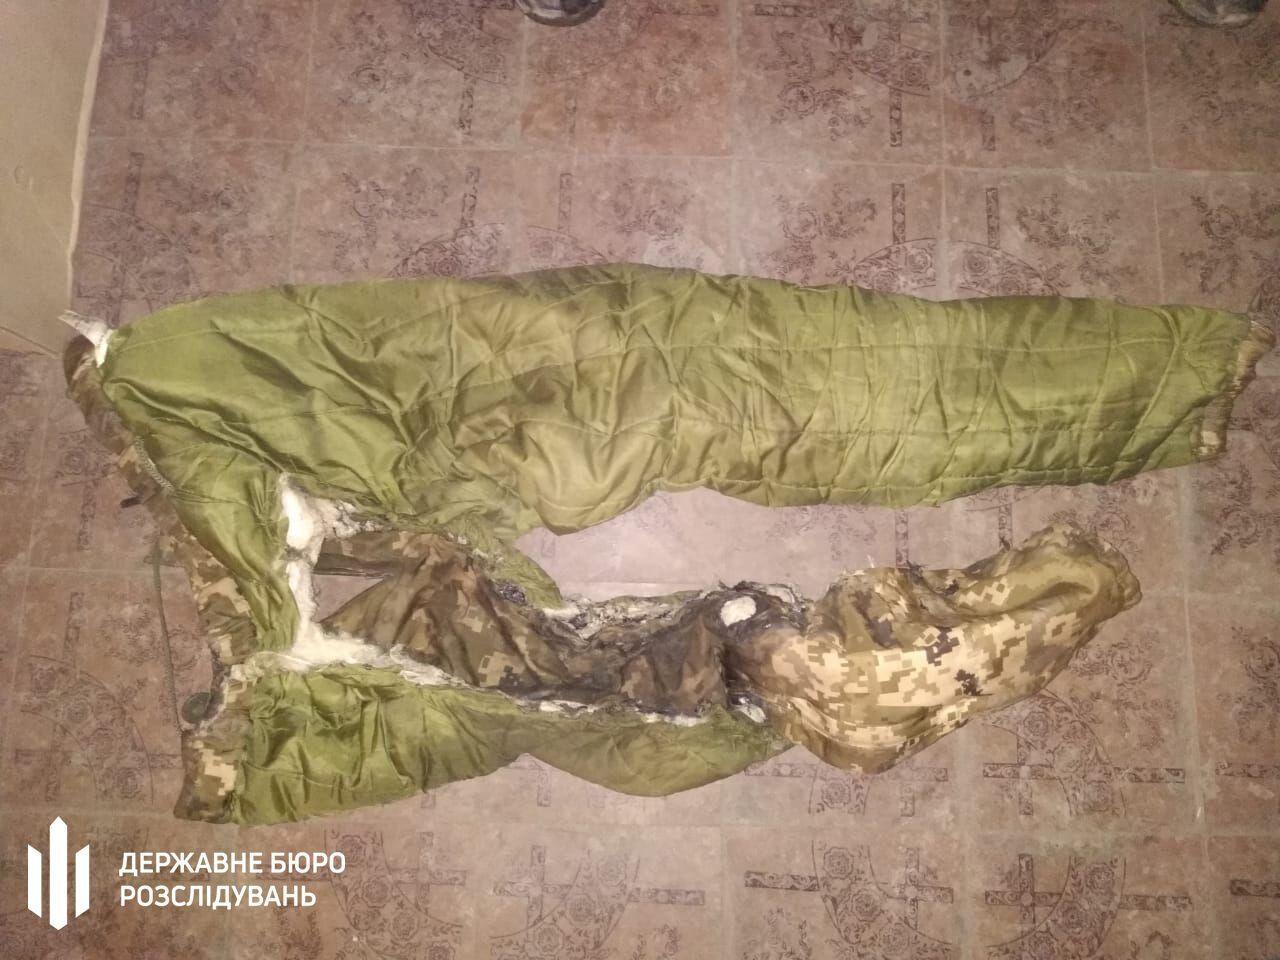 Военнослужащему-контрактнику сообщено о подозрении в поджоге сослуживца